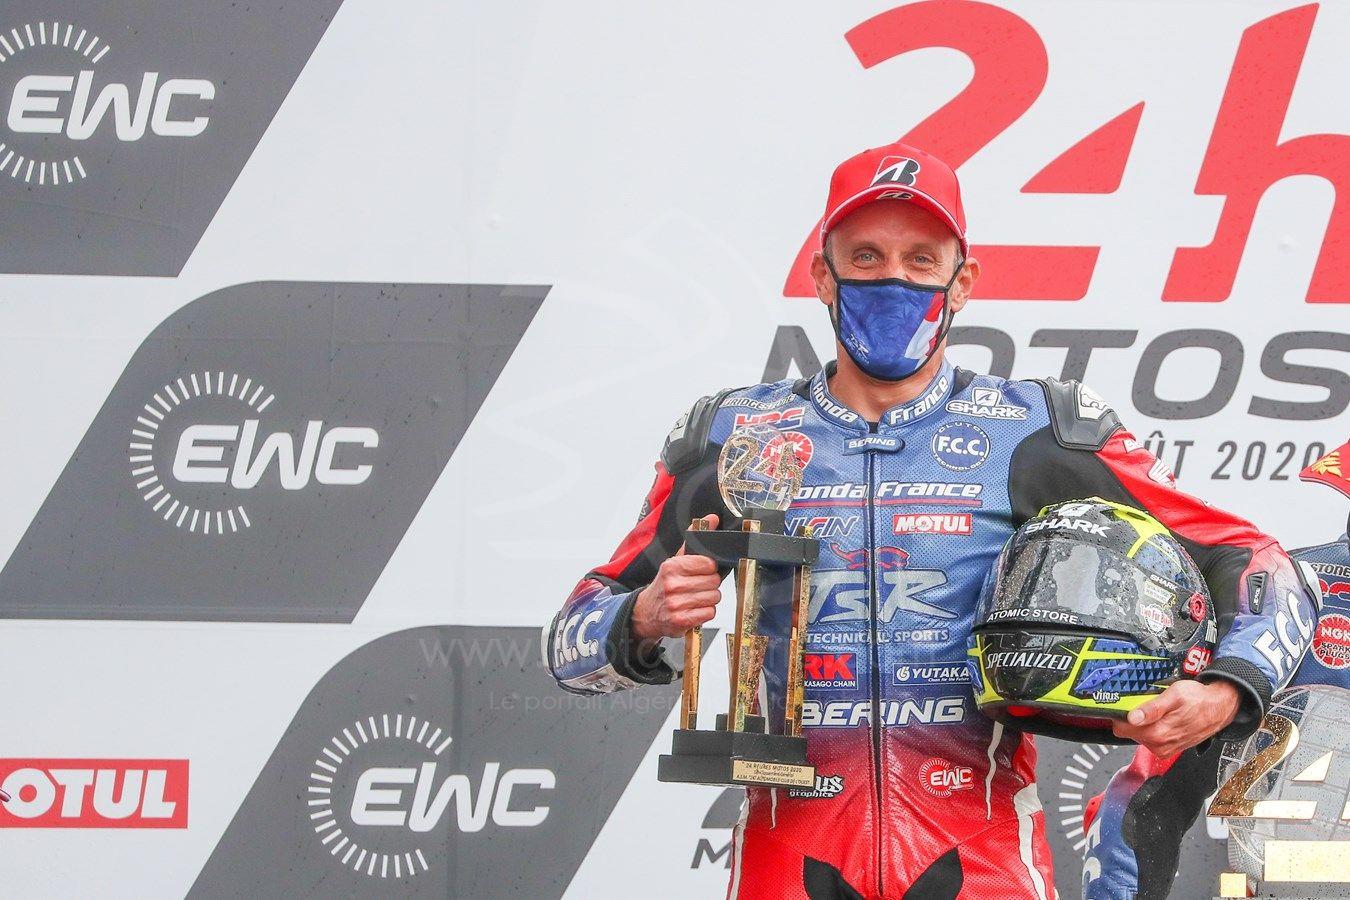 24 H du Mans : Victoire magistrale pour l'équipe F.C.C TSR Honda France !